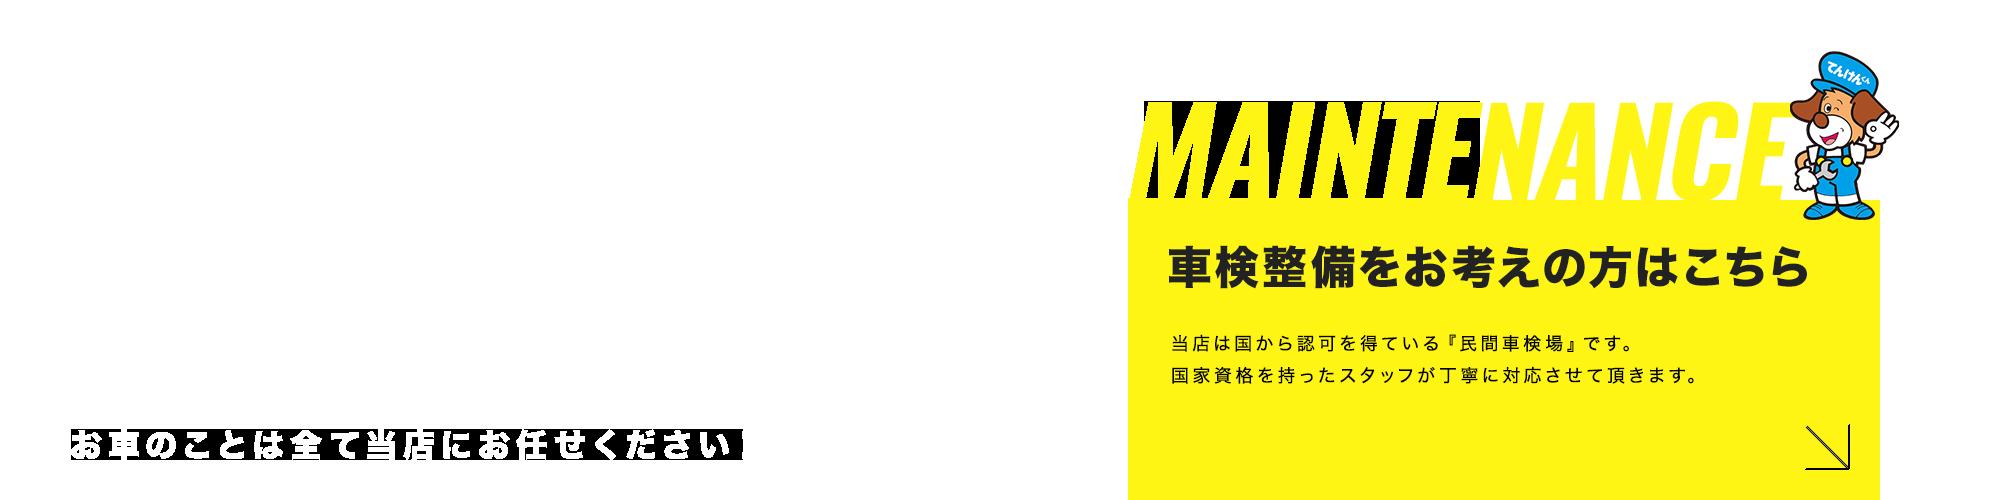 banner_mainte_full